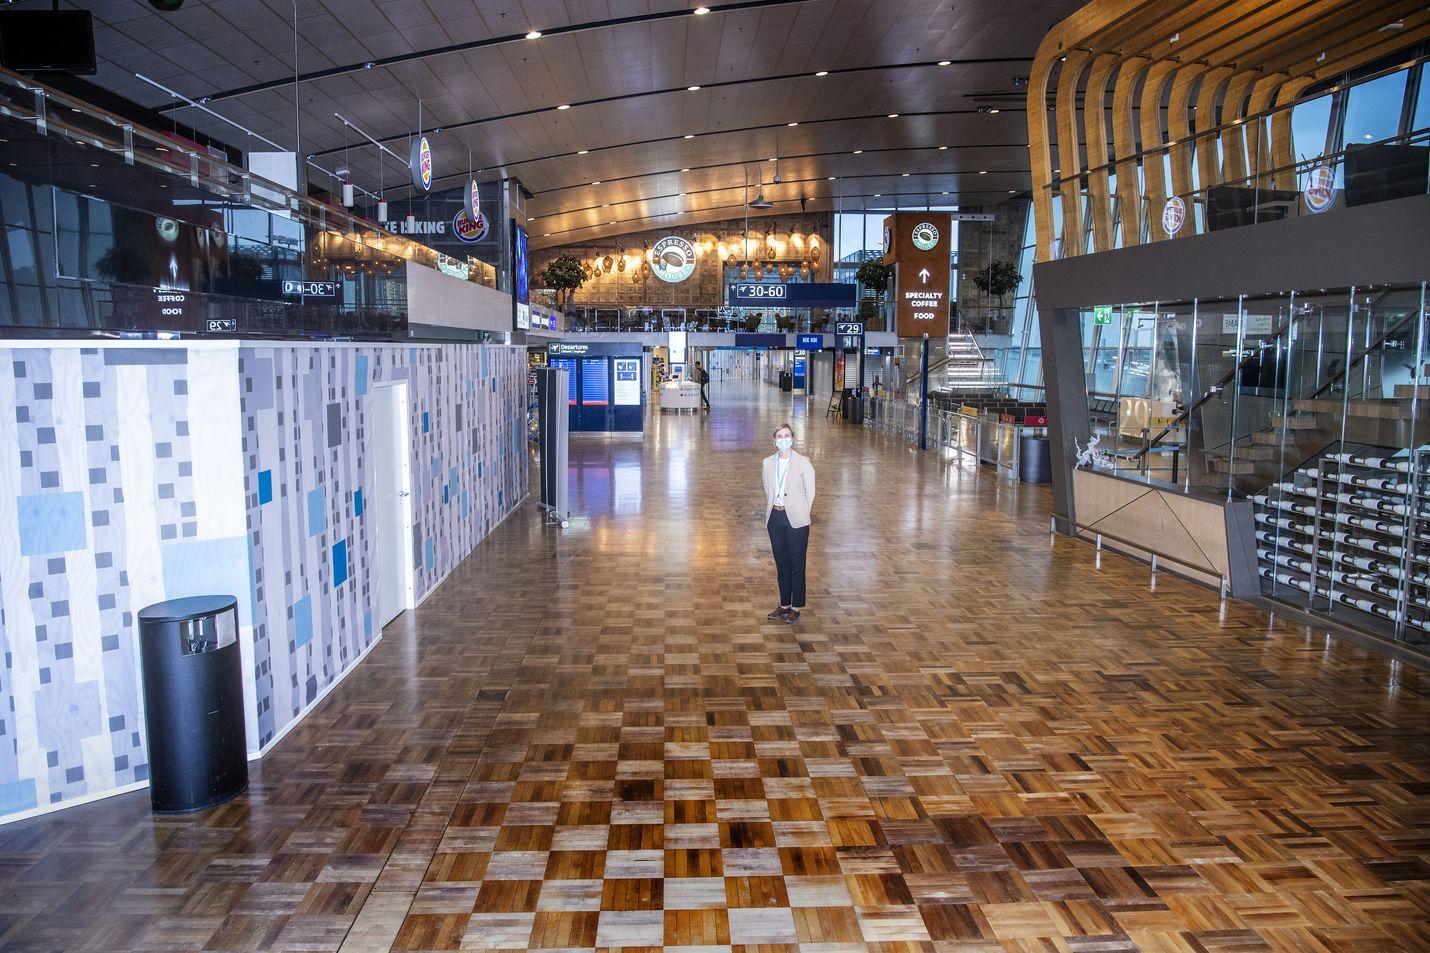 """Helsinki-Vantaan lentoaseman helmikuussa työnsä aloittanut johtaja Ulla Lettijeff kertoo, että kriisin pituutta ei osattu vuoden alussa arvata. """"Ensi vuoden loppupuolelle odotamme pientä vilkastumista"""", hän kertoo."""